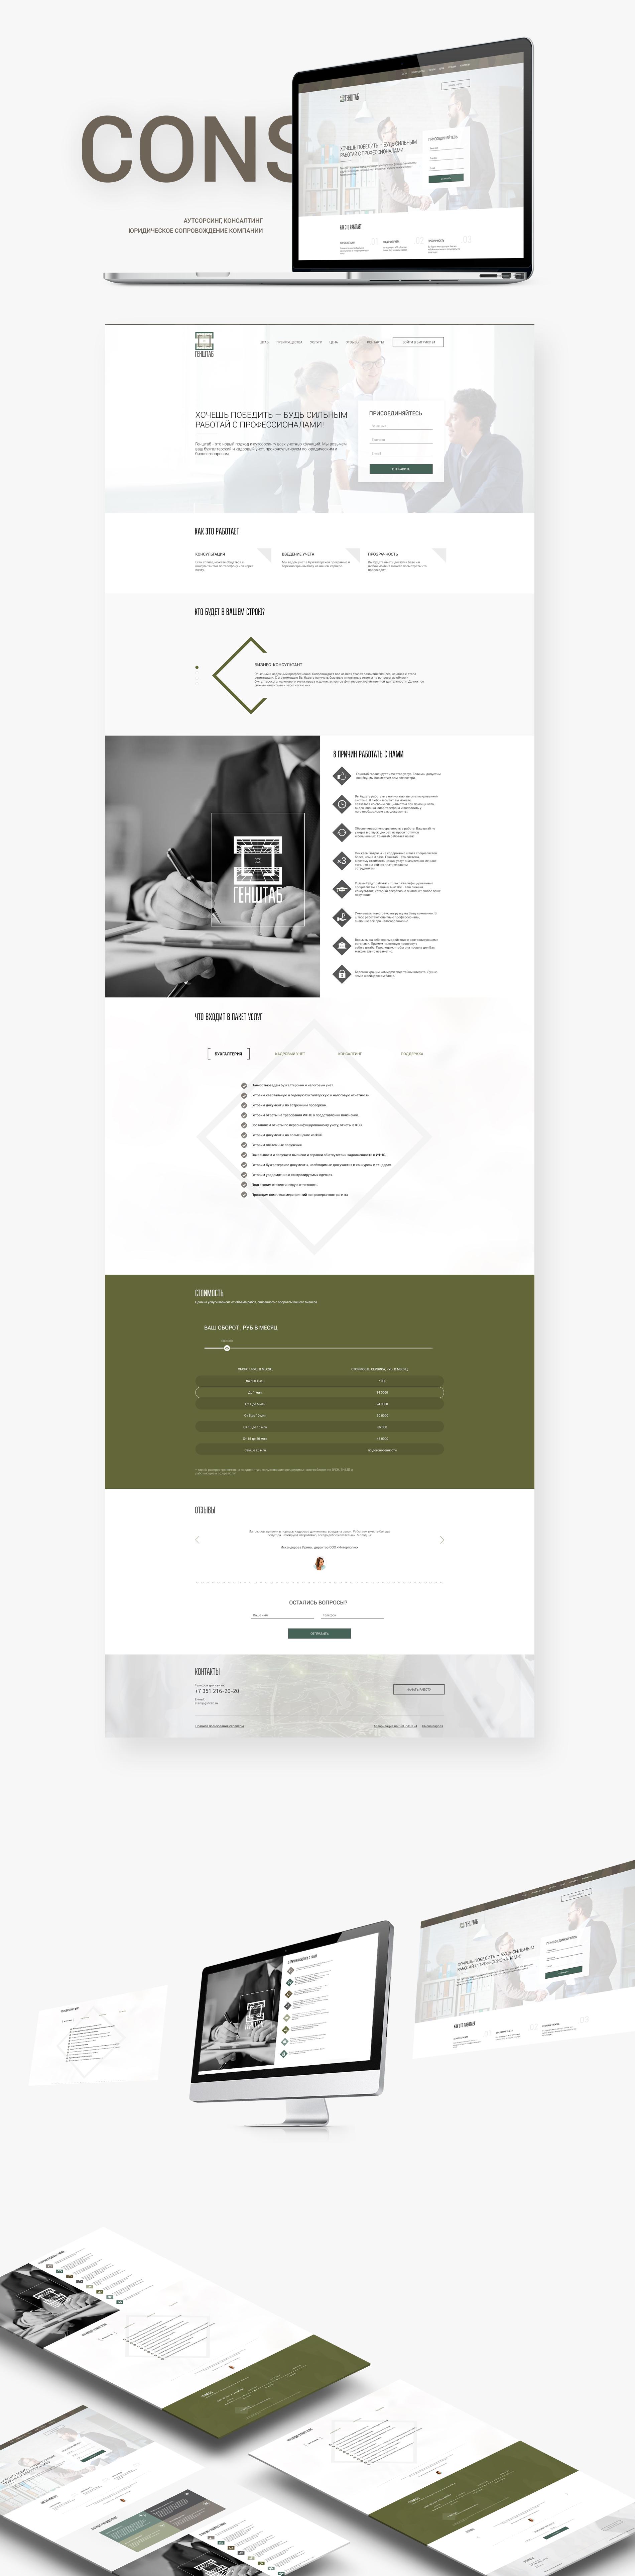 Разработка дизайна сайта. Бухгалтерские услуги.